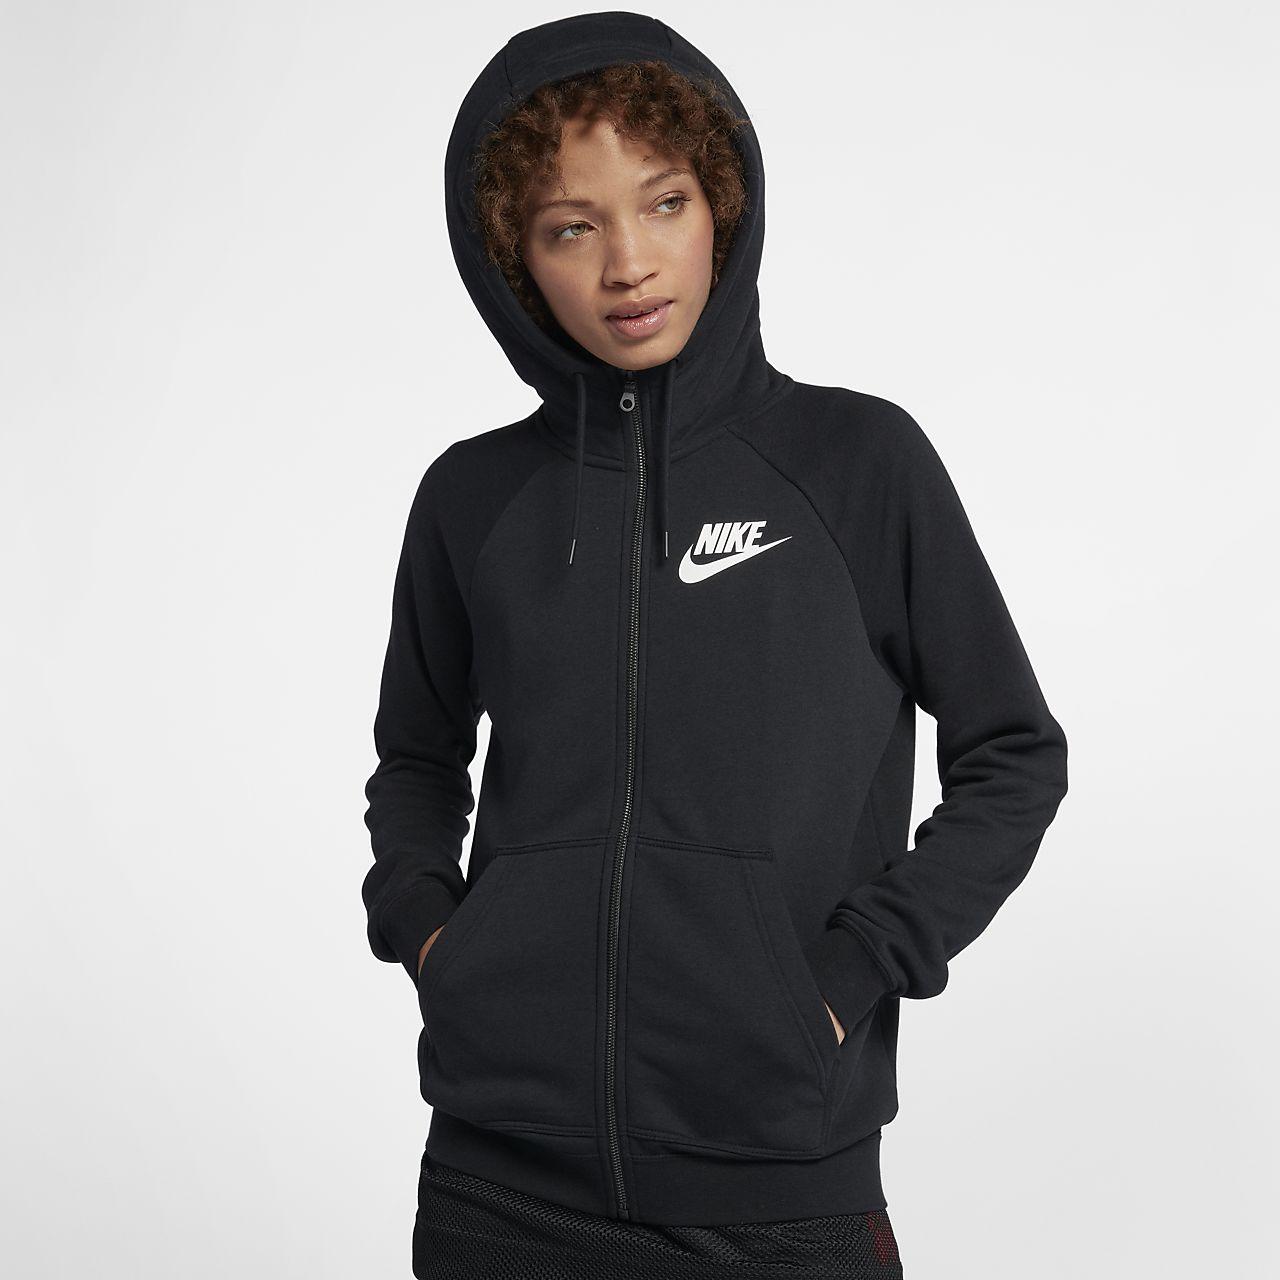 94c671695e31db ... Felpa con cappuccio e zip a tutta lunghezza Nike Sportswear Rally -  Donna